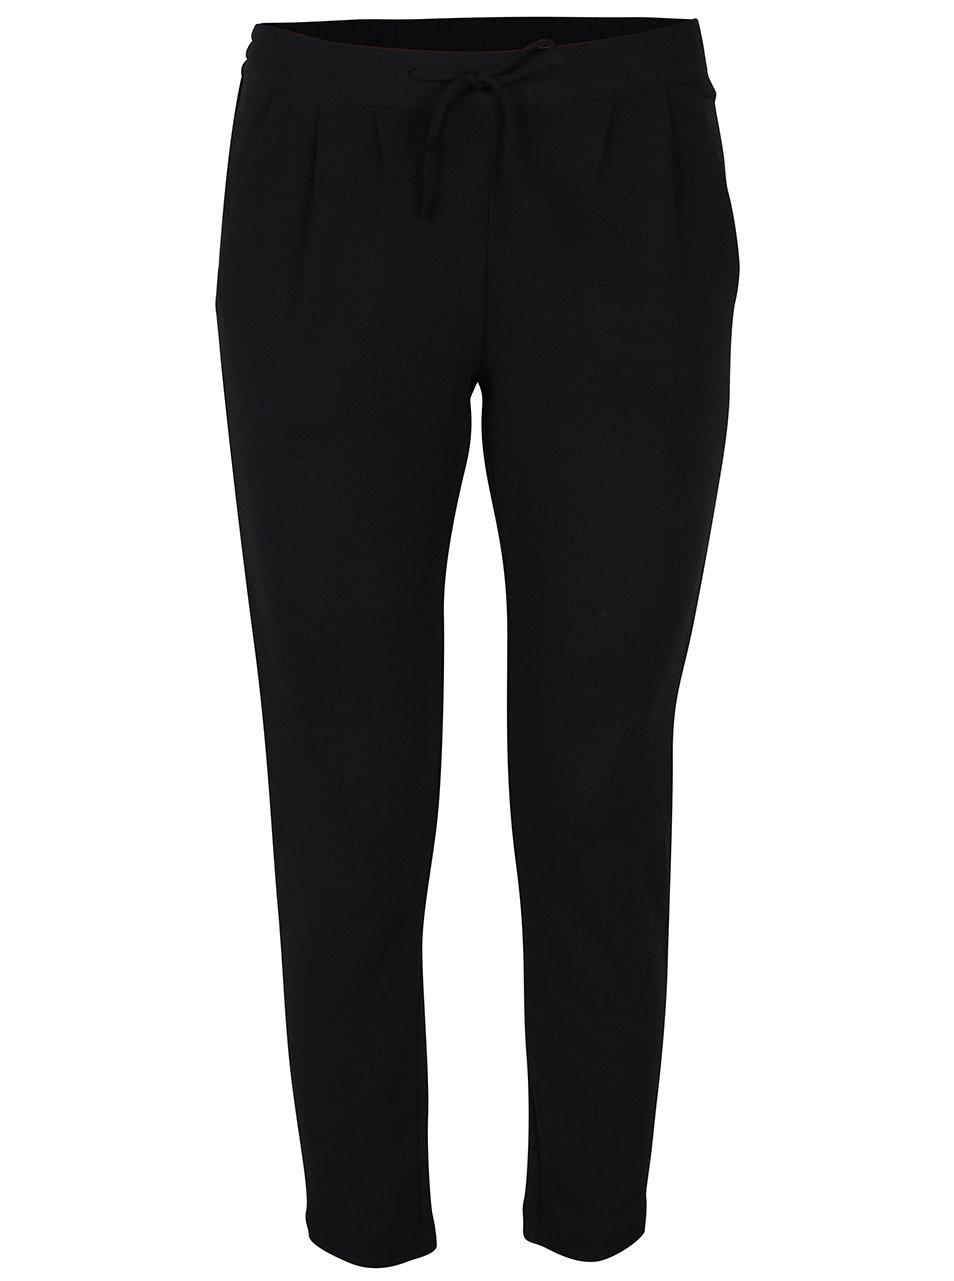 Černé zkrácené kalhoty Jacqueline de Yong Jazzle